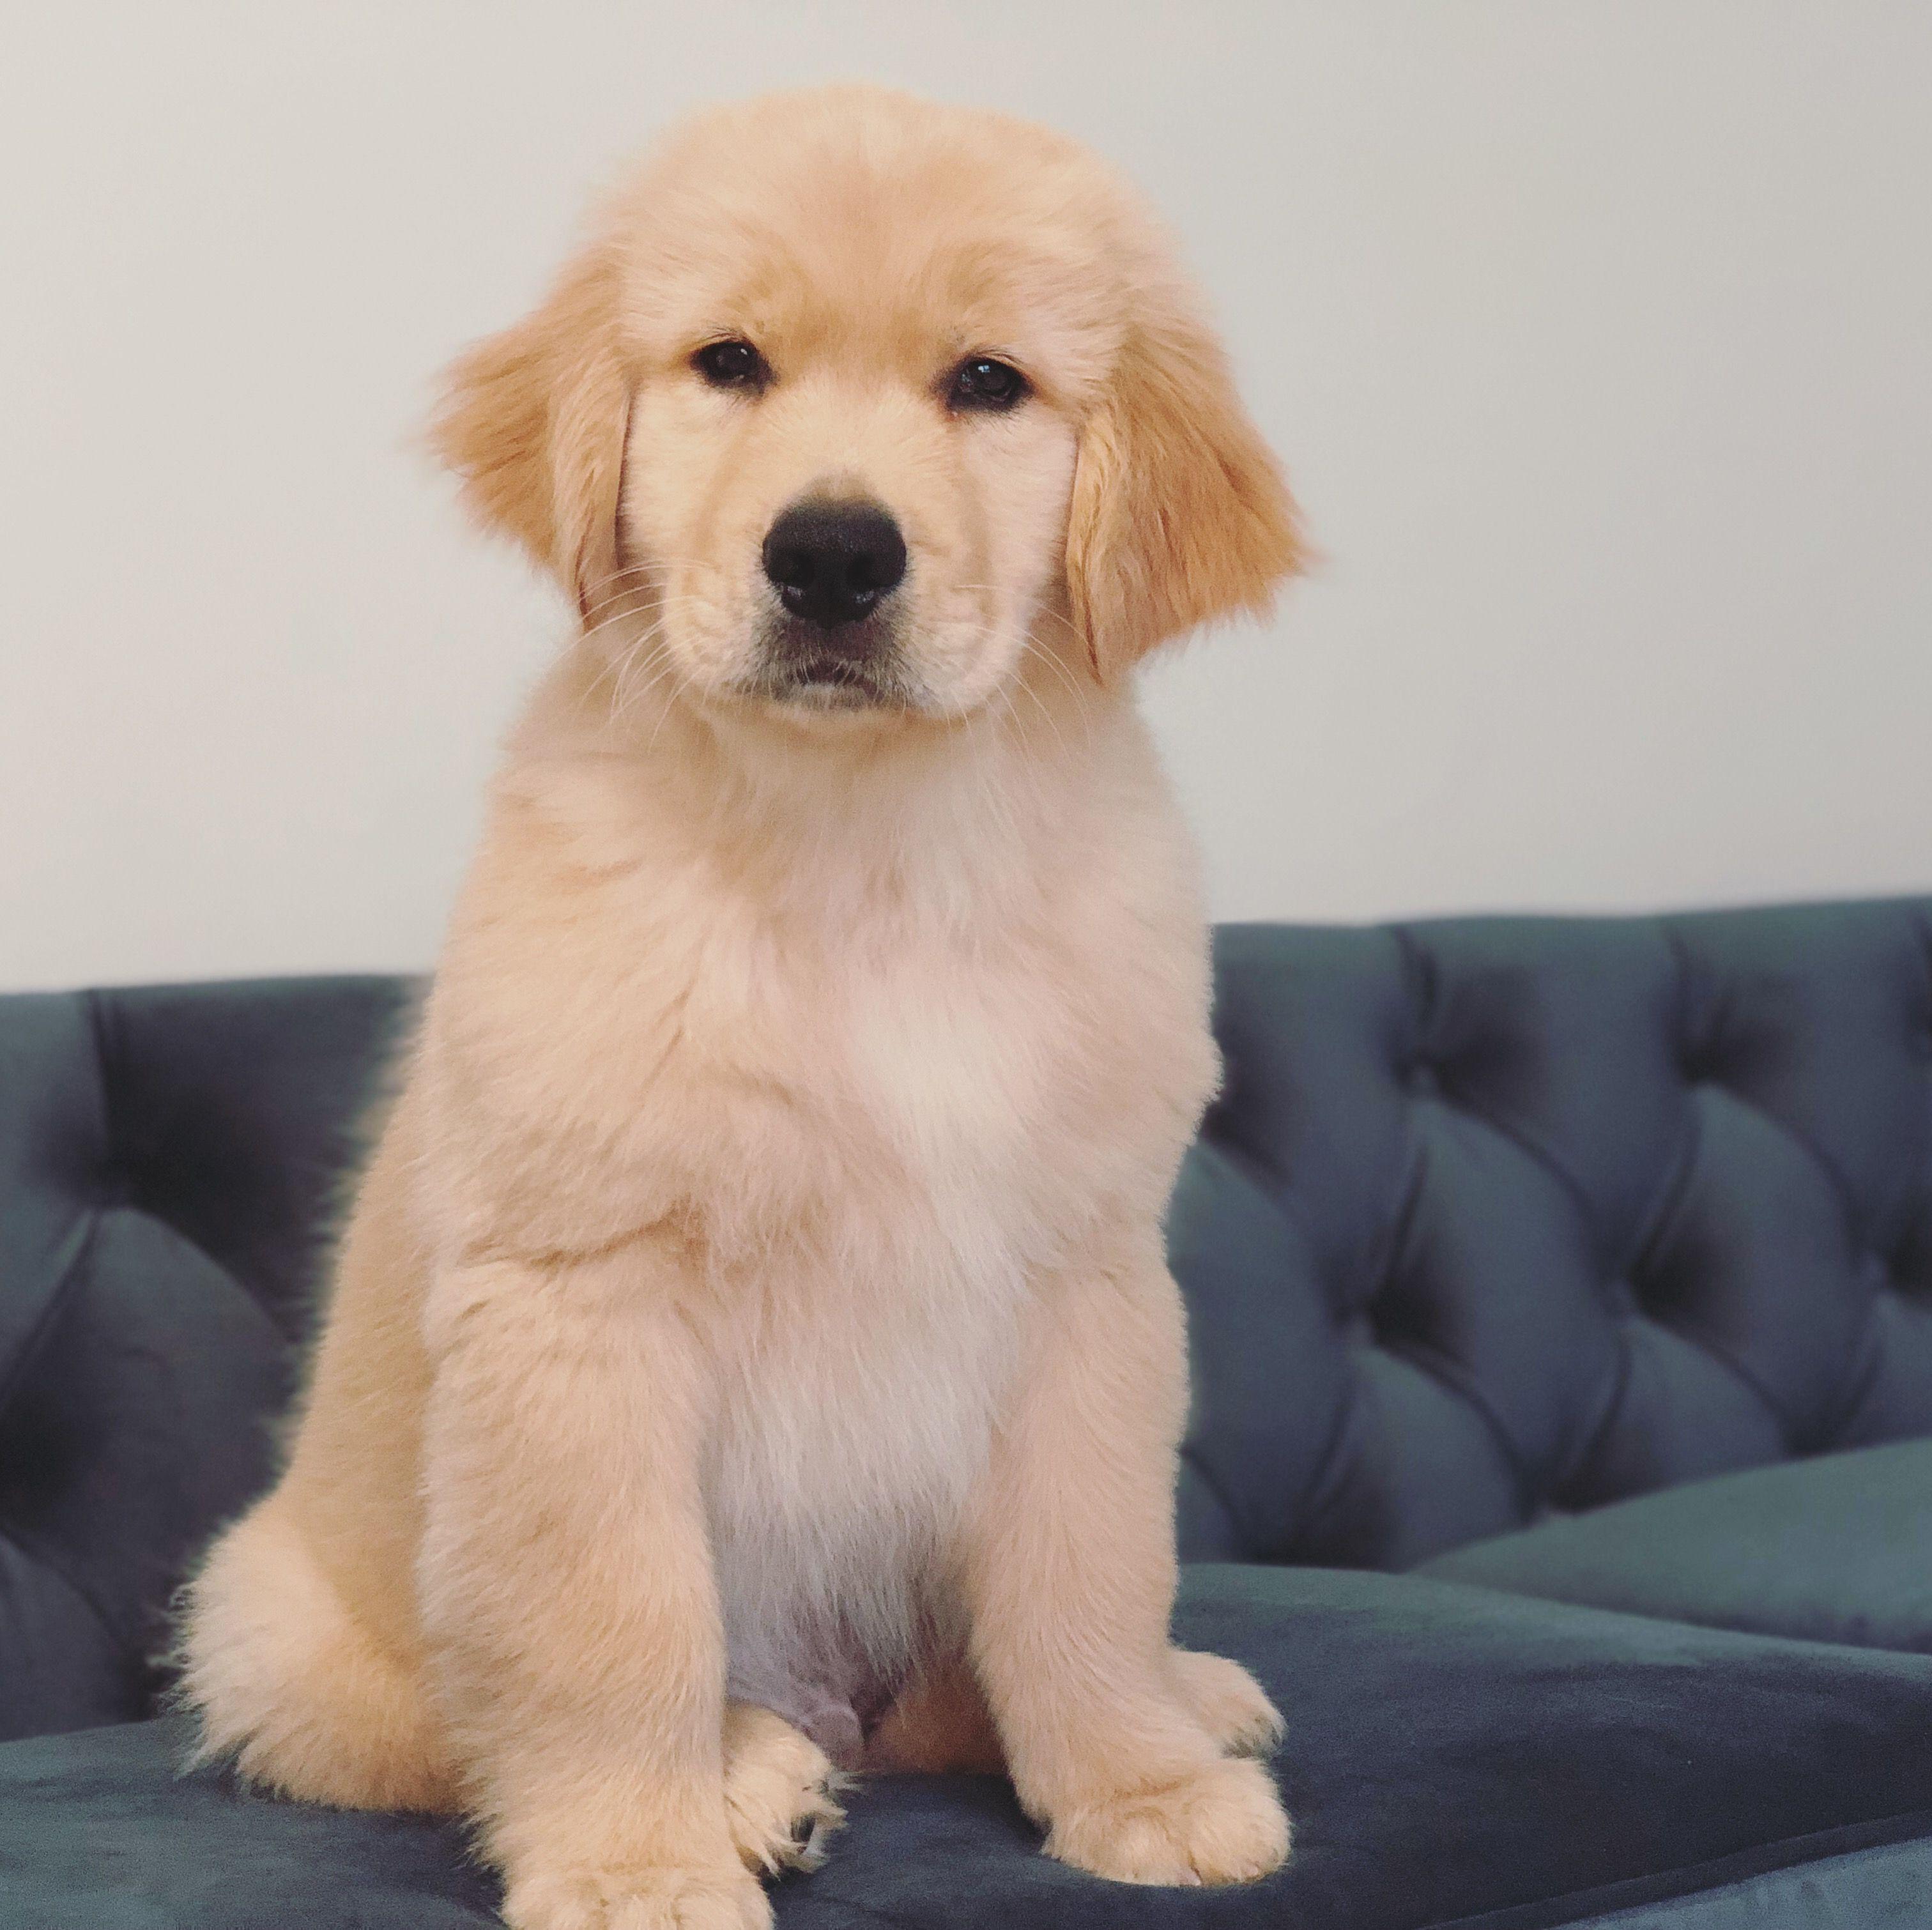 Golden Retriever Puppy 11 weeks goldenretrieverpuppy